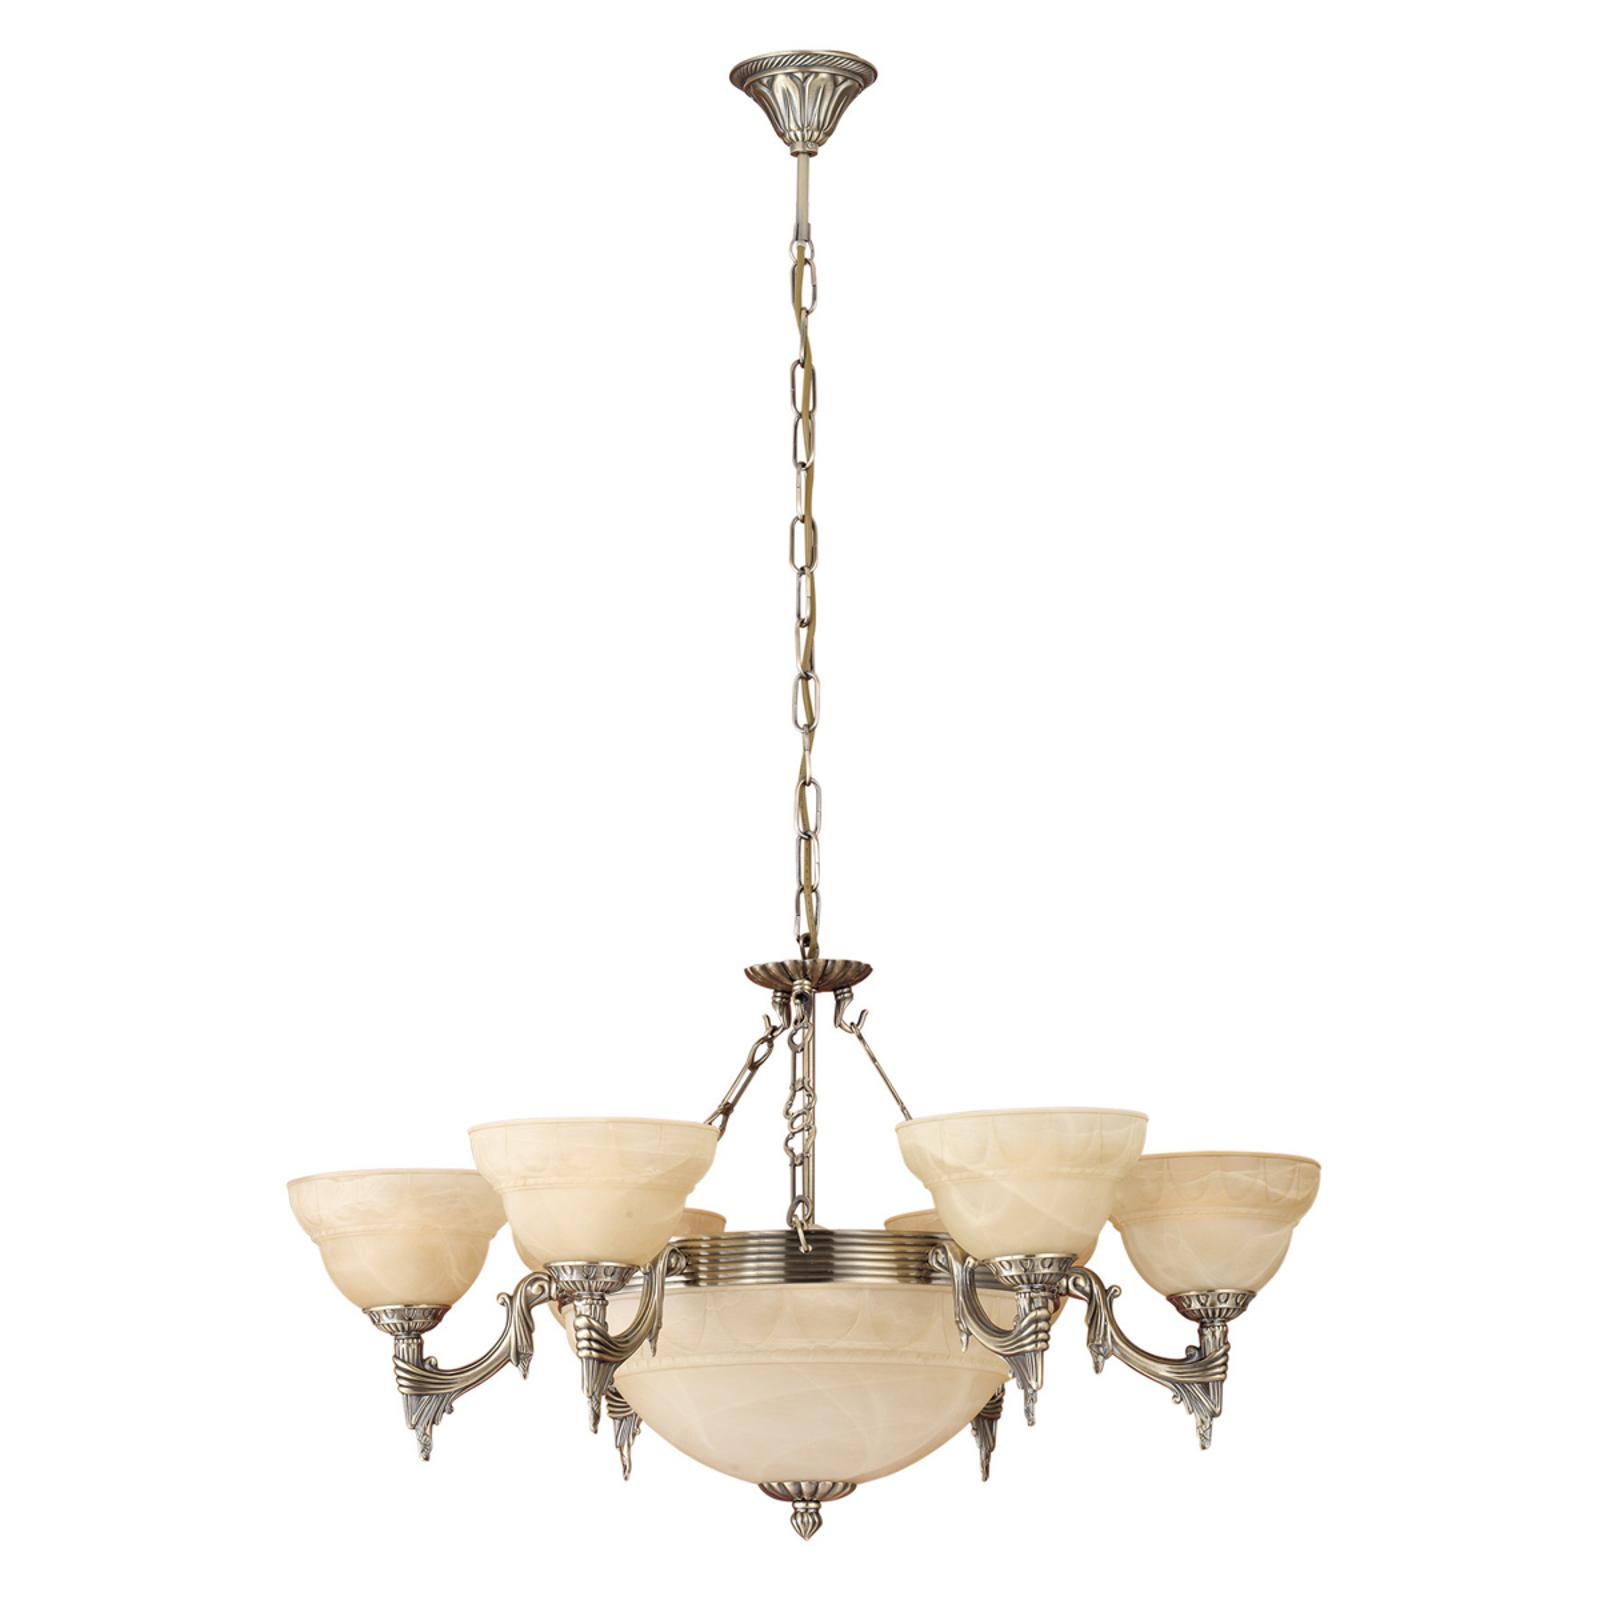 Lampada decorativa a sospensione Marilla, 9 luci